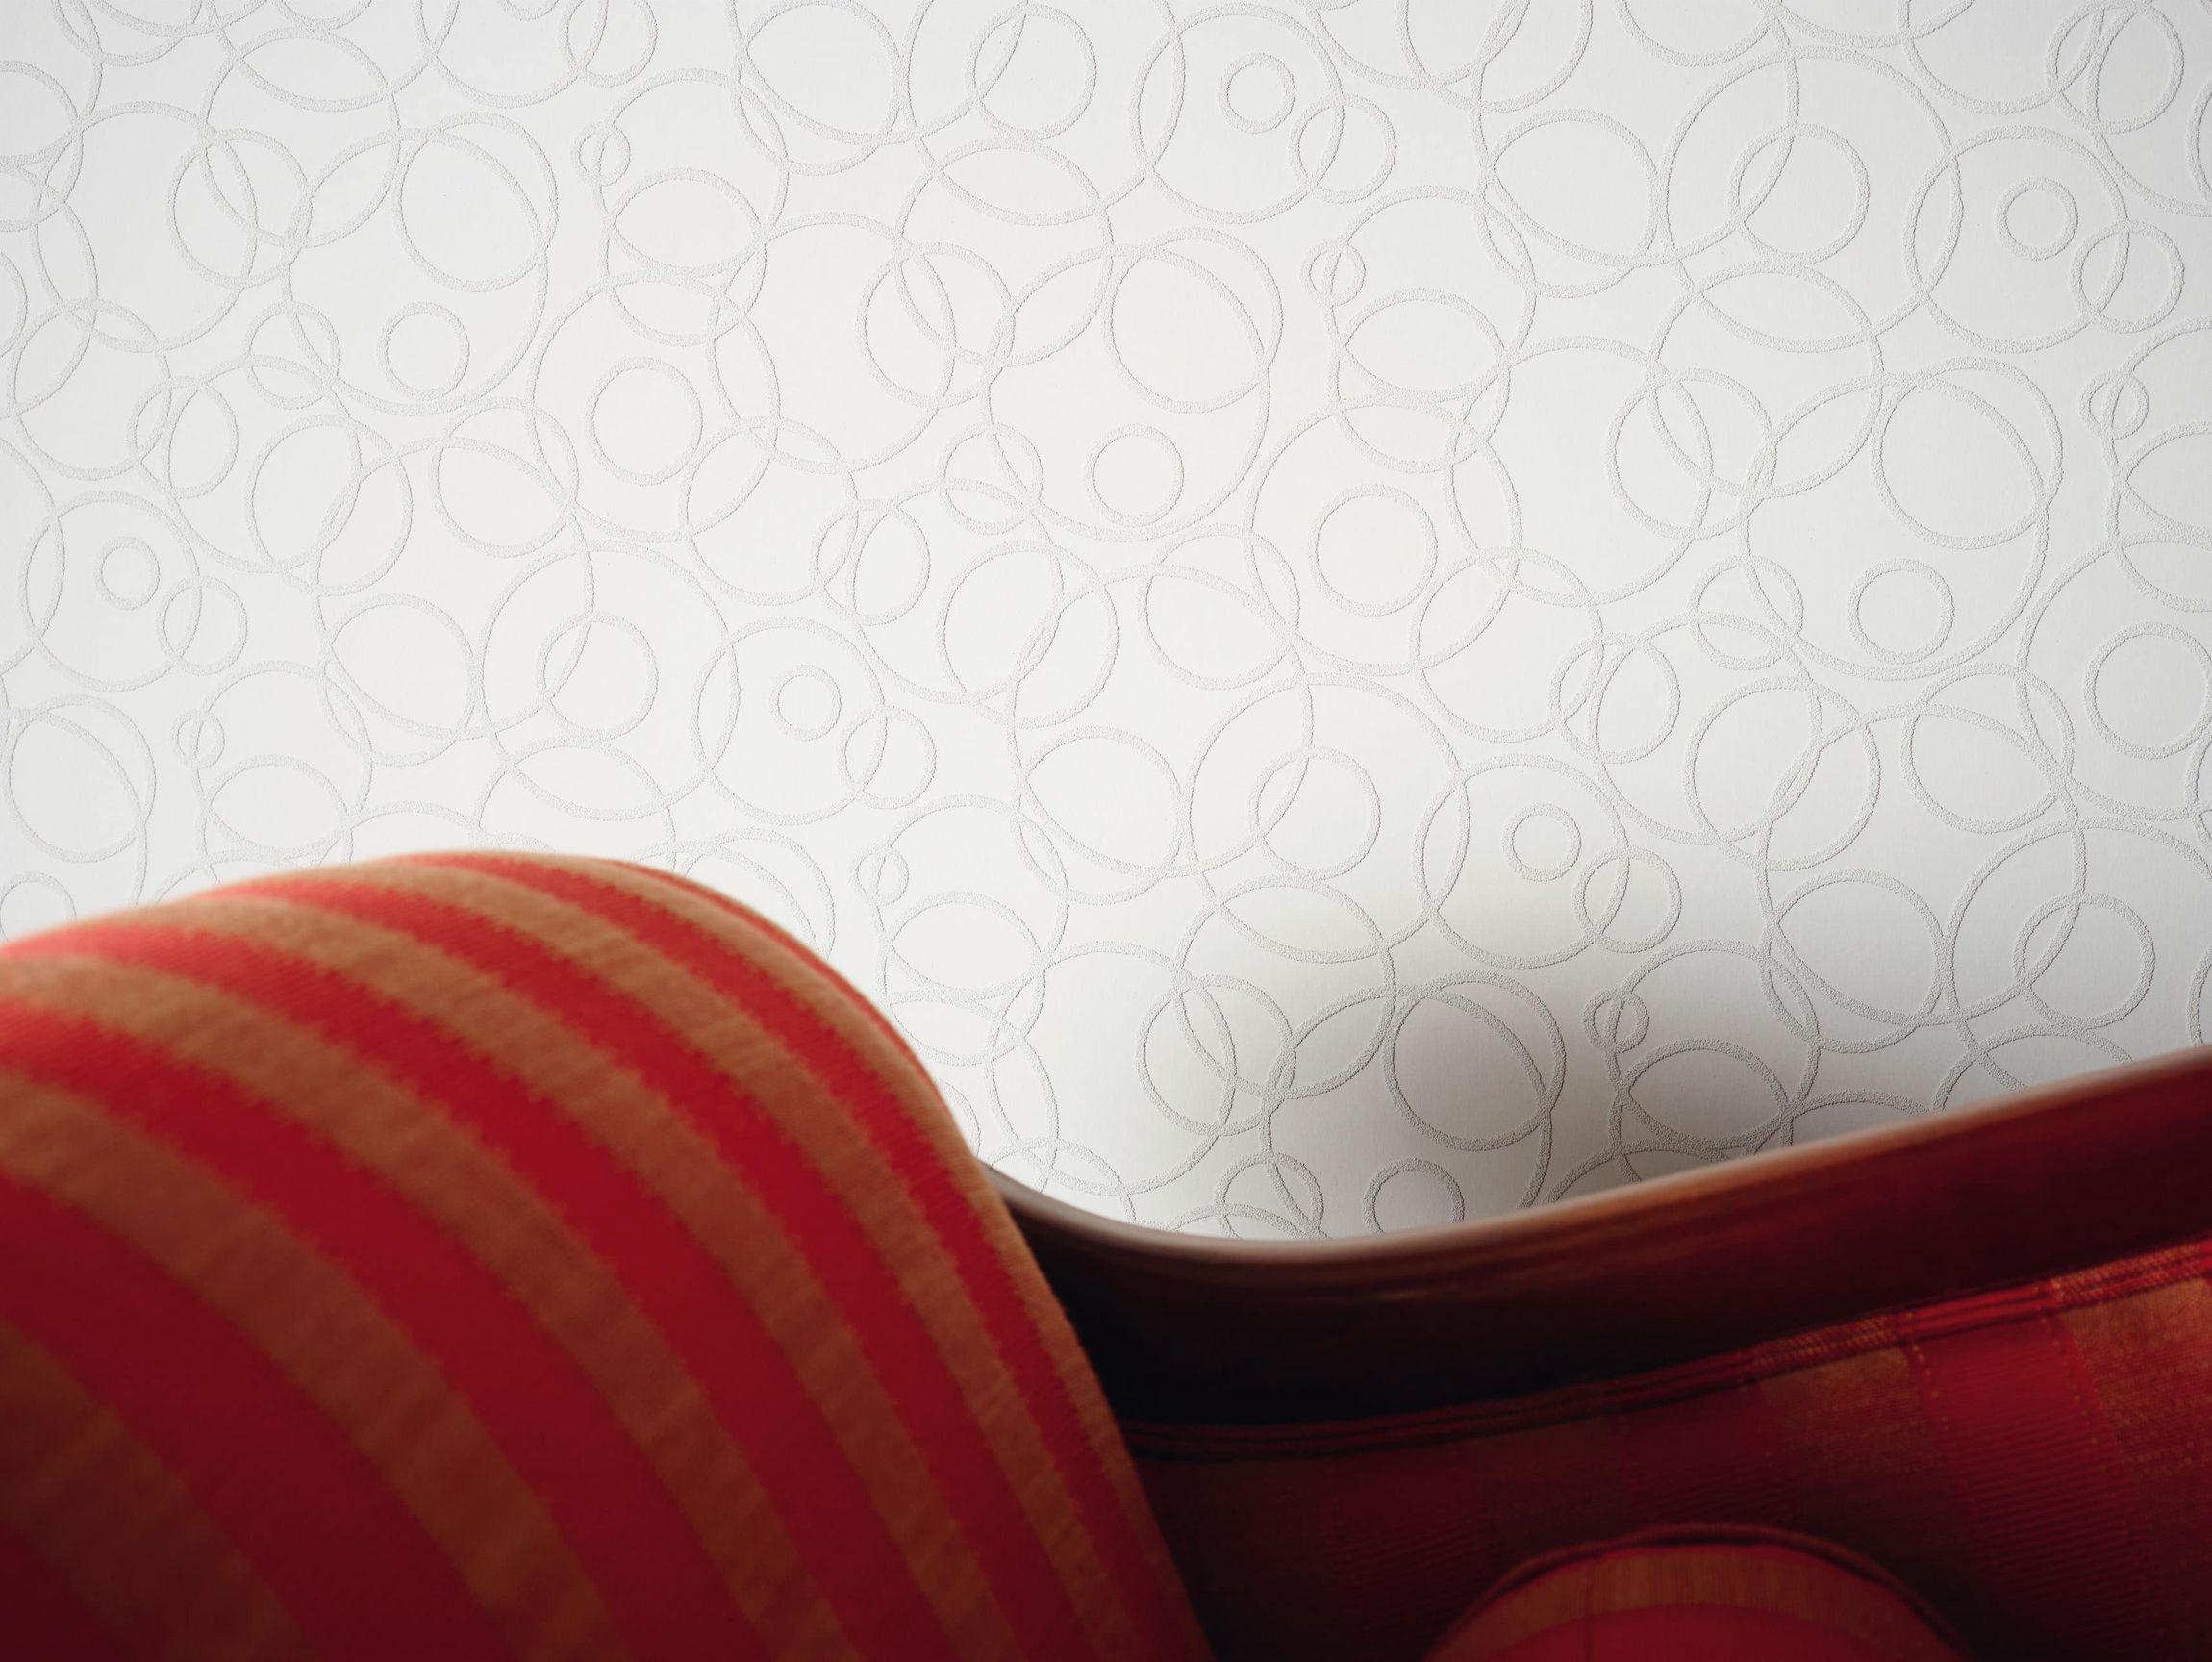 Carta Da Parati Verniciabile carta da parati verniciabile a.s. création con disegni - meistervlies 4 3d  go - bianco 965813